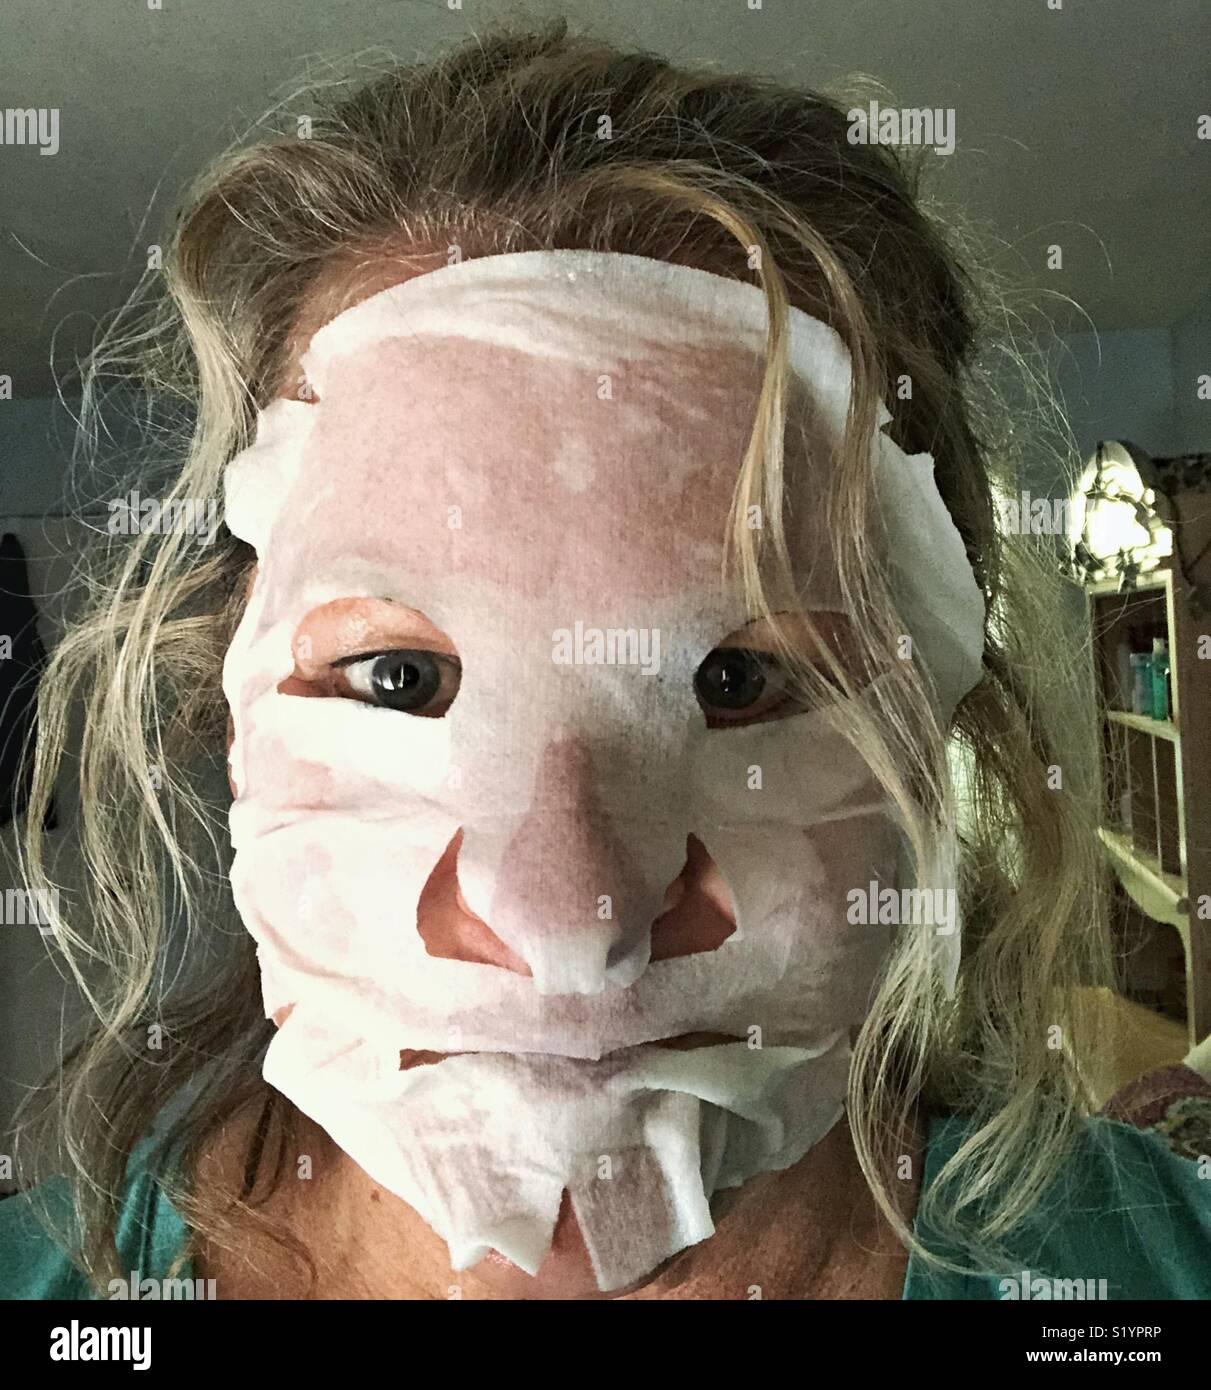 Máscara de belleza tratamiento para ayudar a aliviar la diversión líneas, arrugas y manchas de sol Imagen De Stock